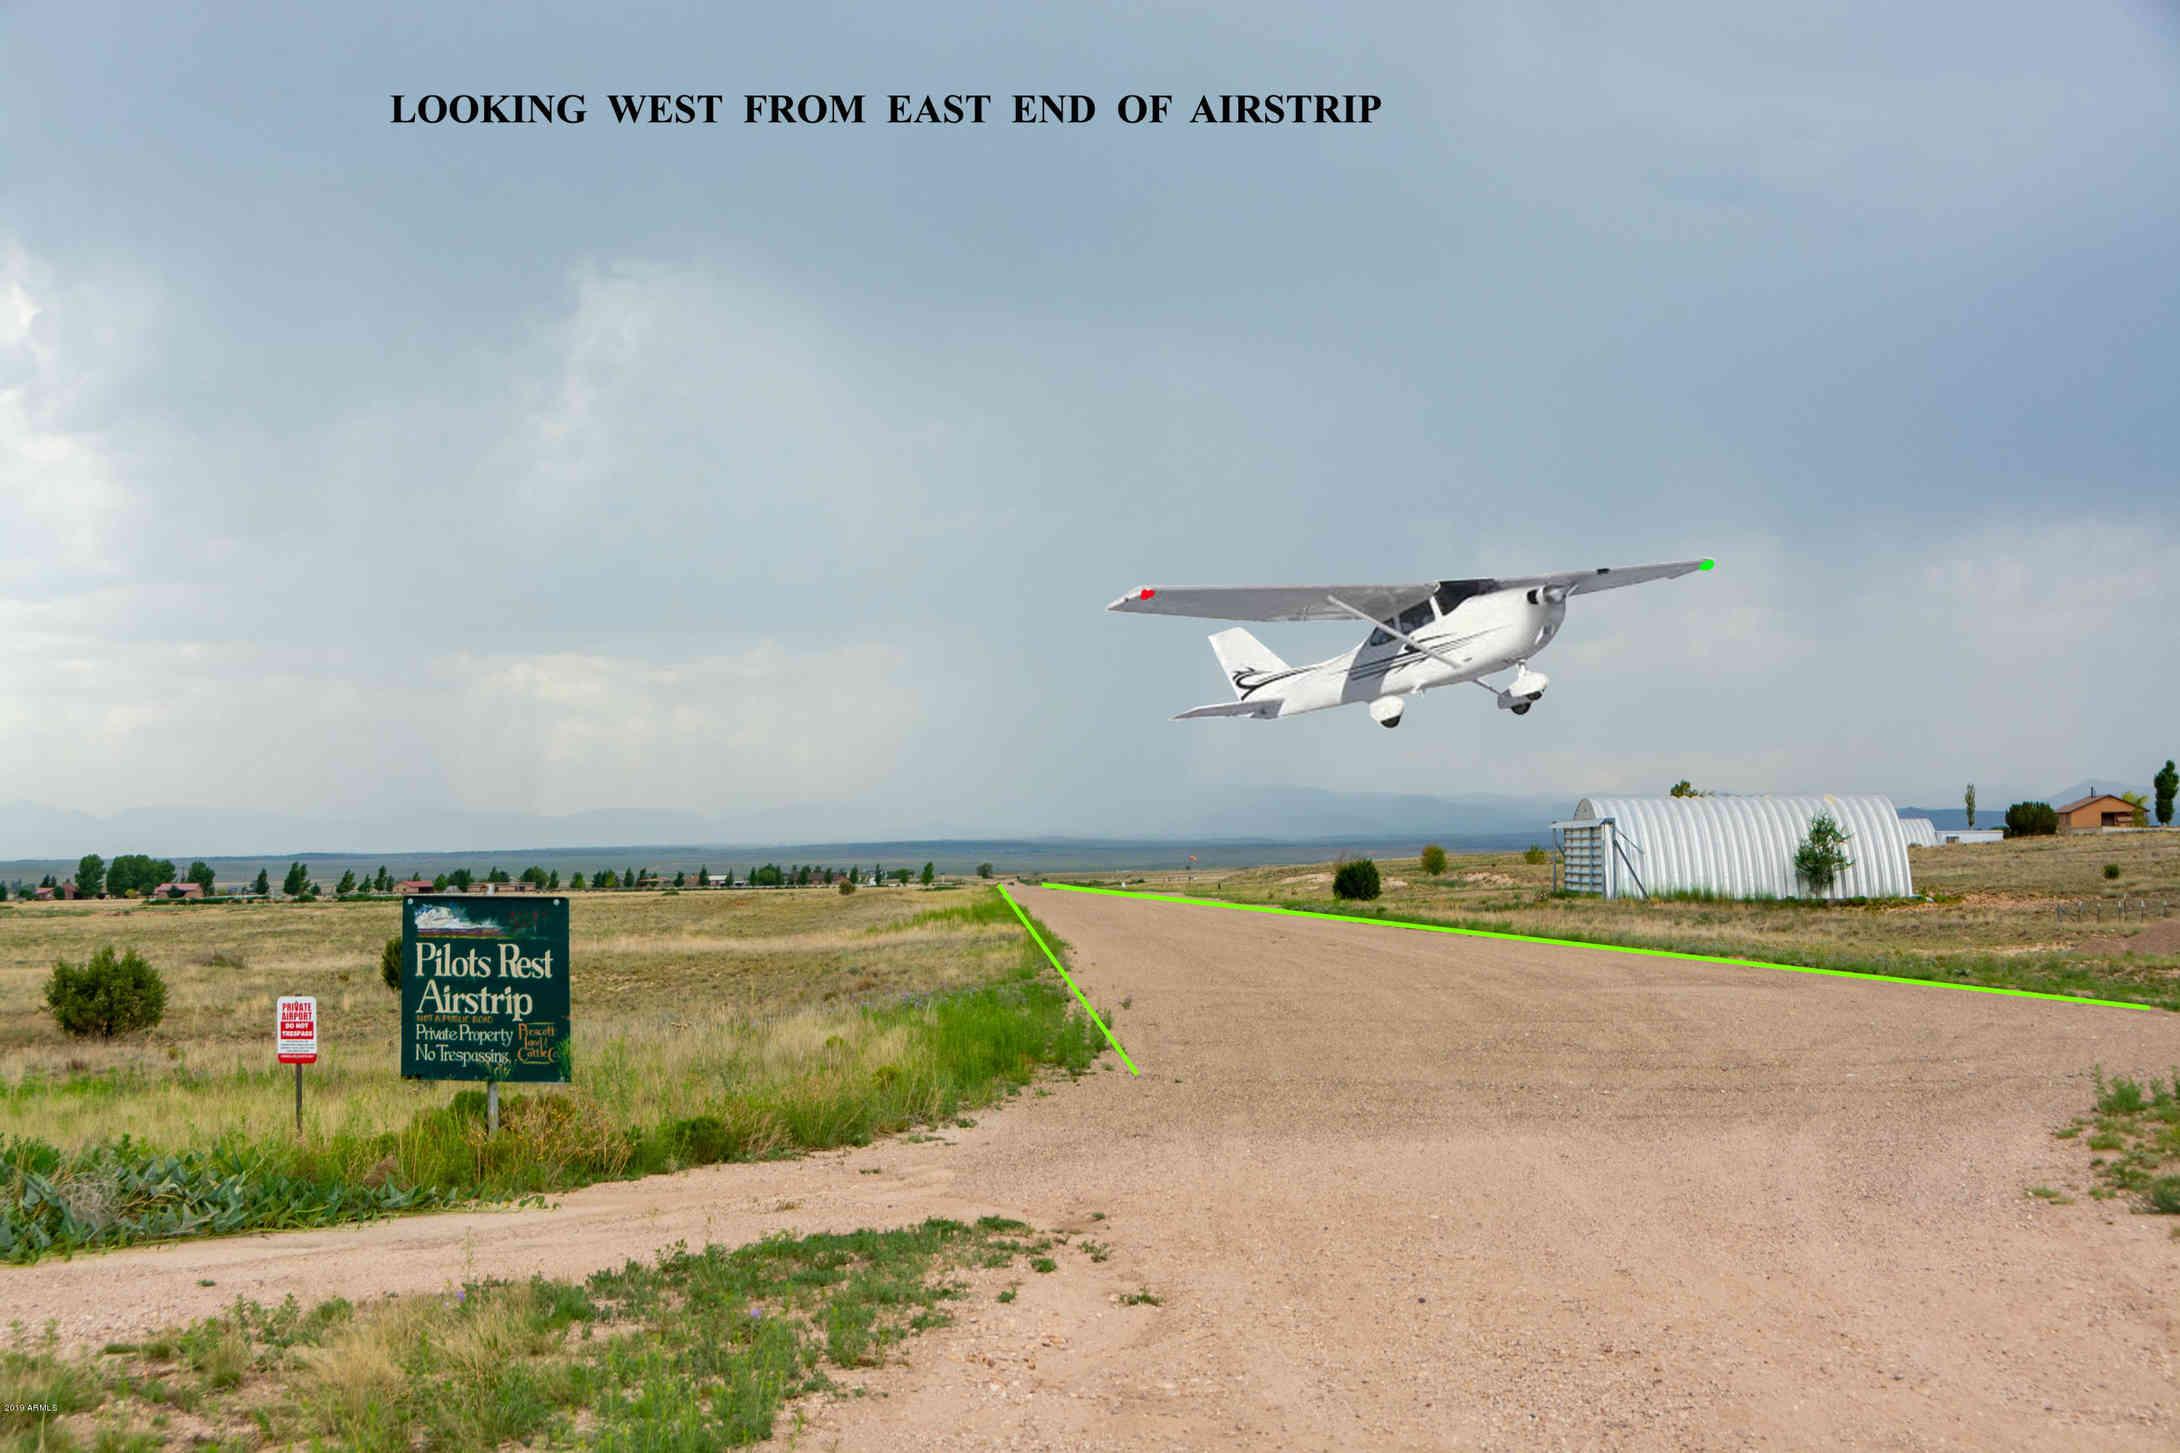 10 ACRES E PILOT'S REST AIRSTRIP(LOT 3) -- #-, Paulden, AZ, 86334,